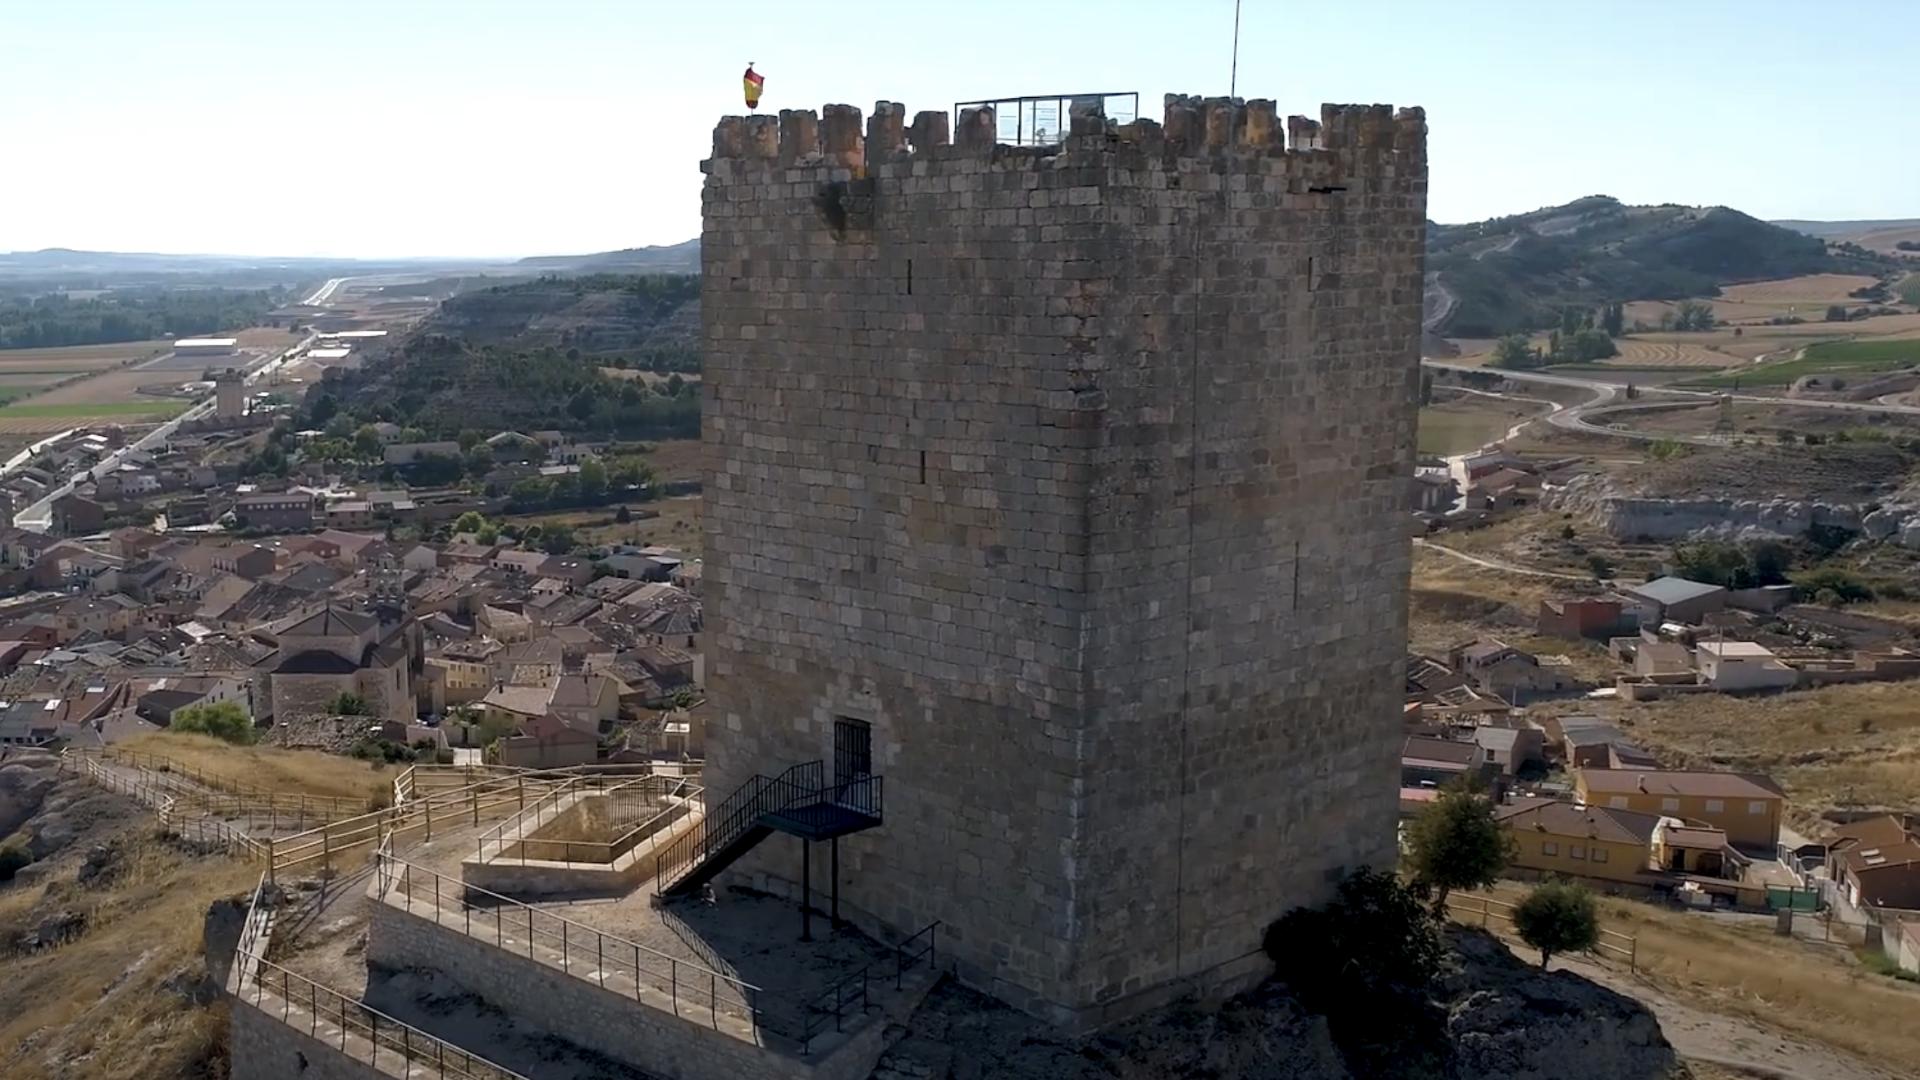 trabajos con drones en asturias